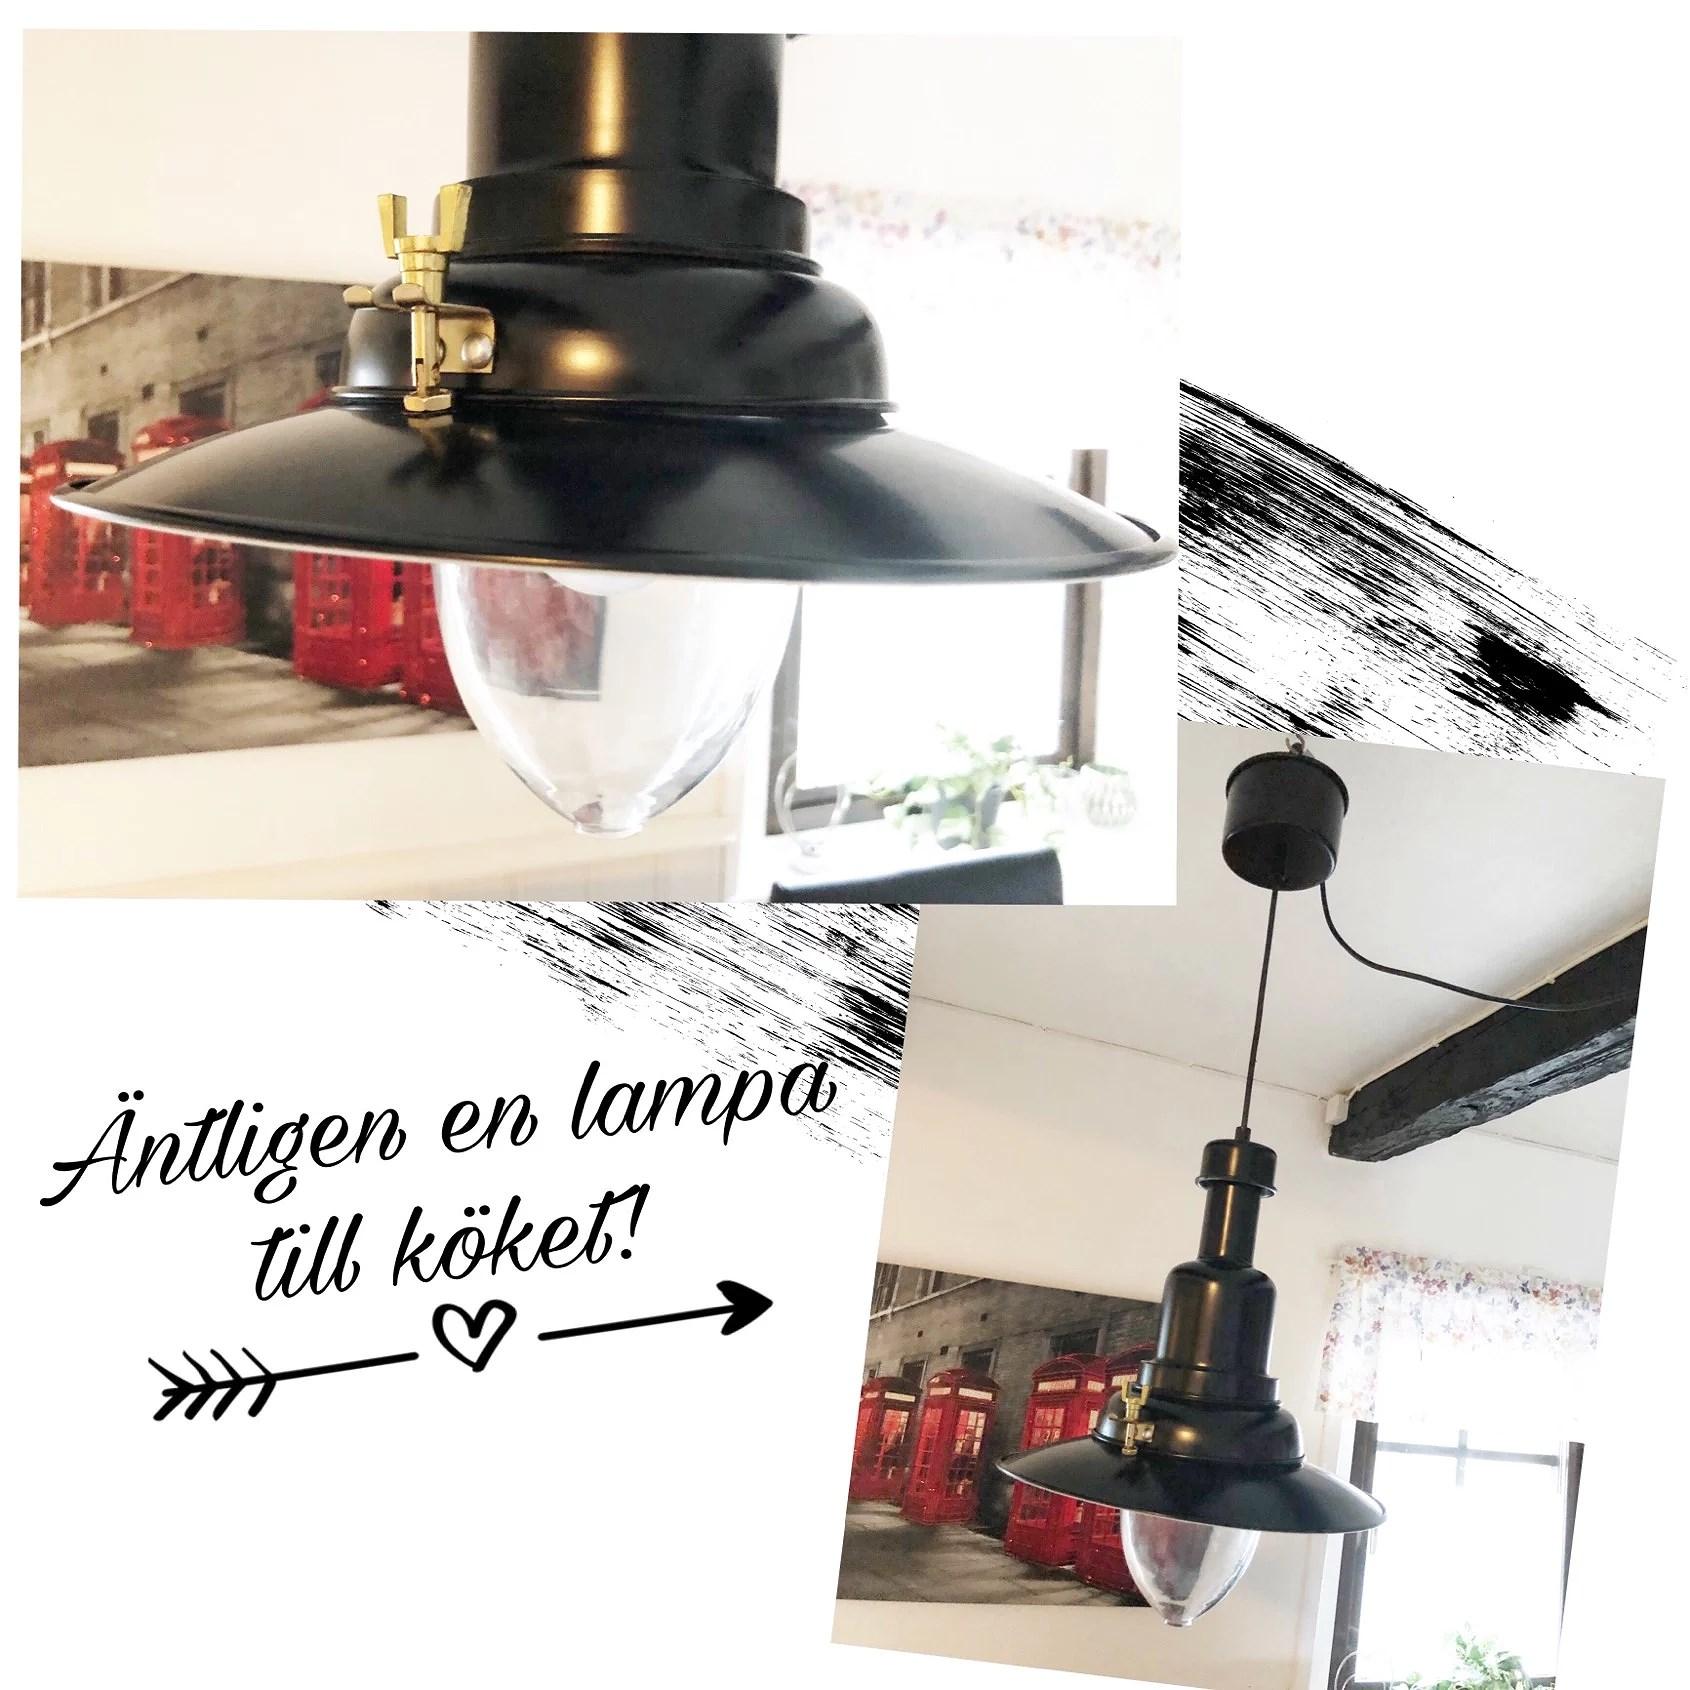 En lampa till köket!